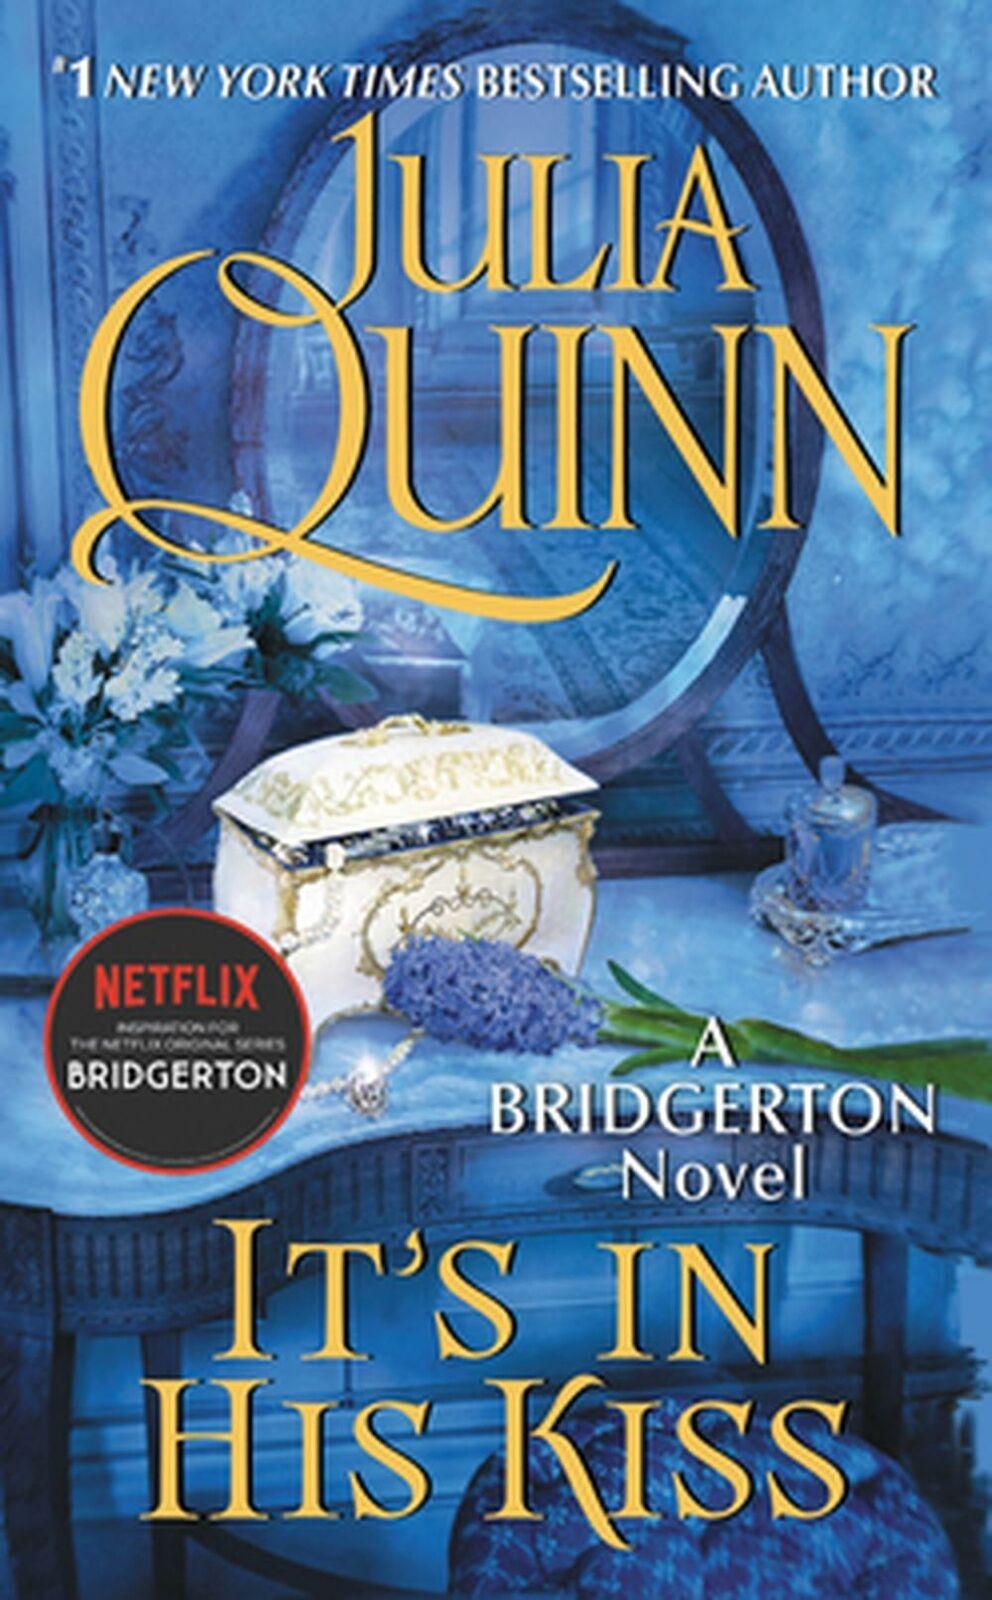 It's in His Kiss - by Julia Quinn - Bridgerton Series